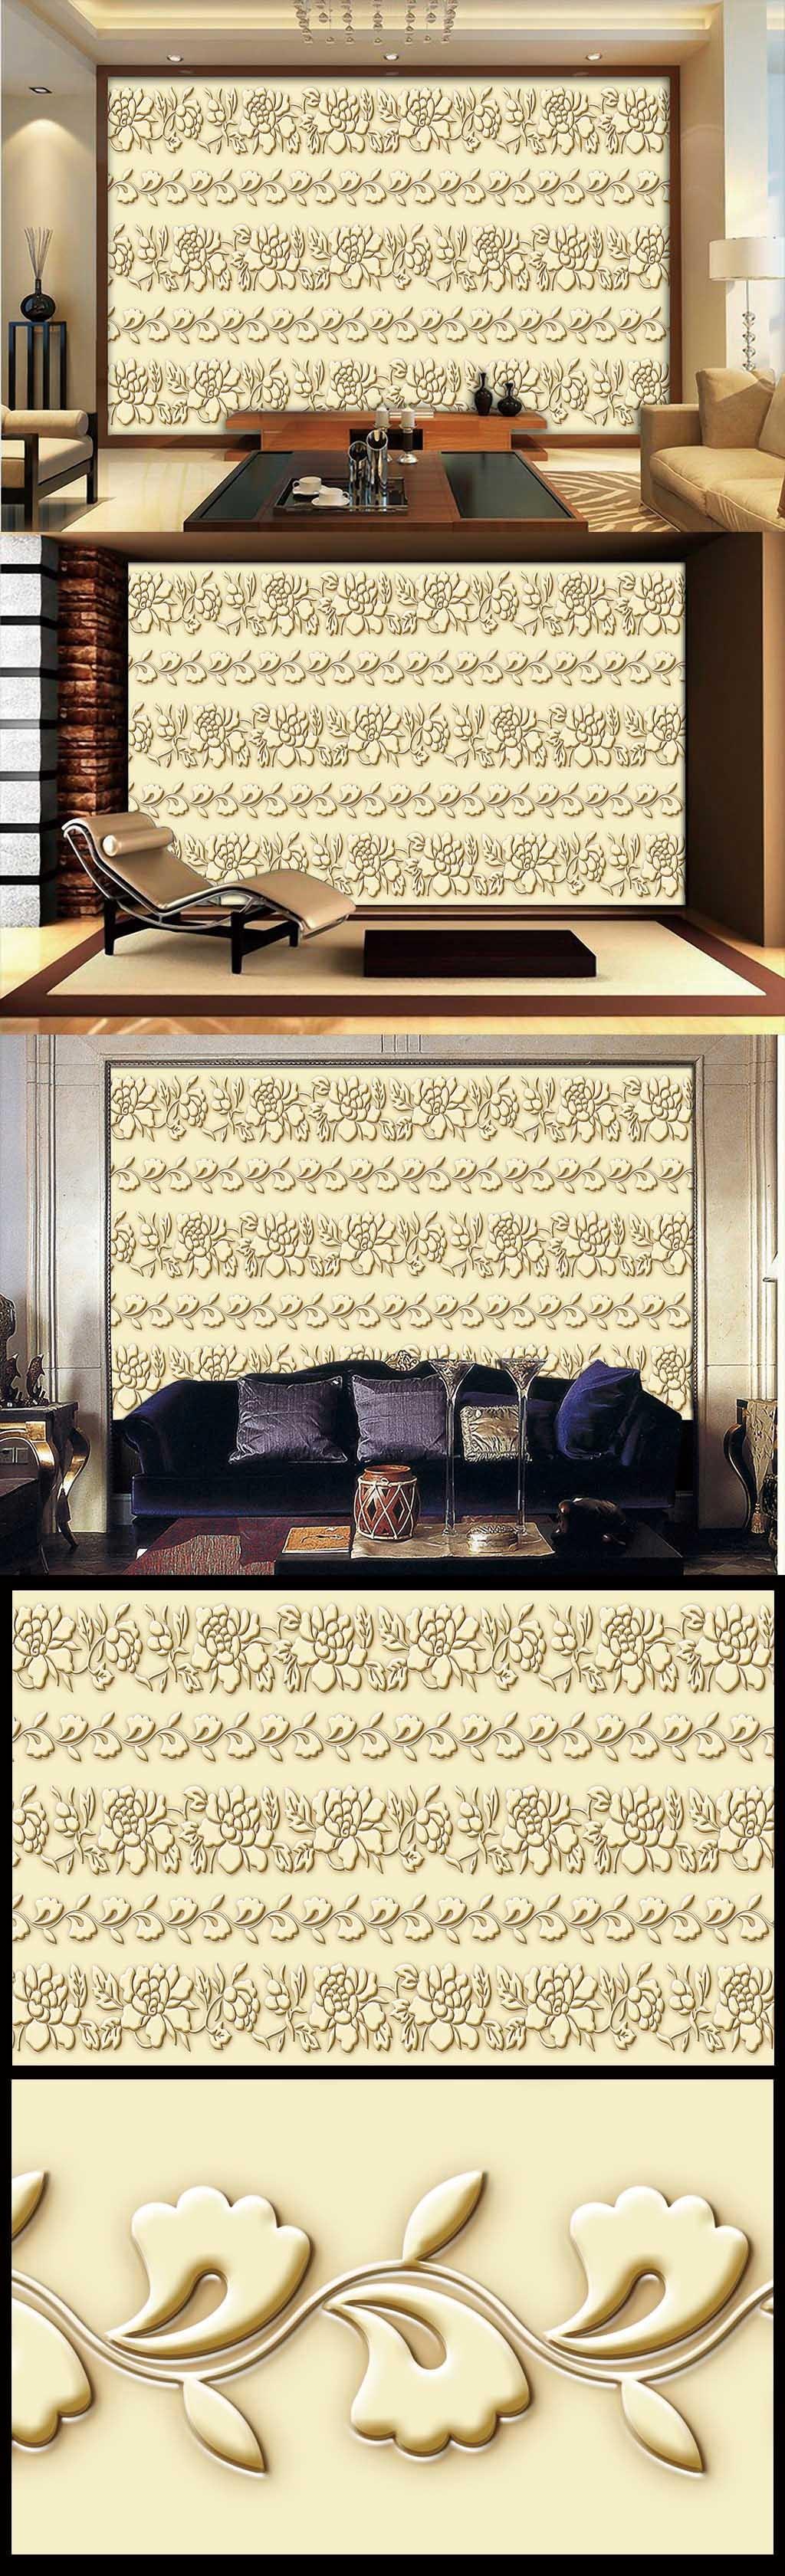 古典欧式简约风格花纹浮雕雕刻电视背景墙